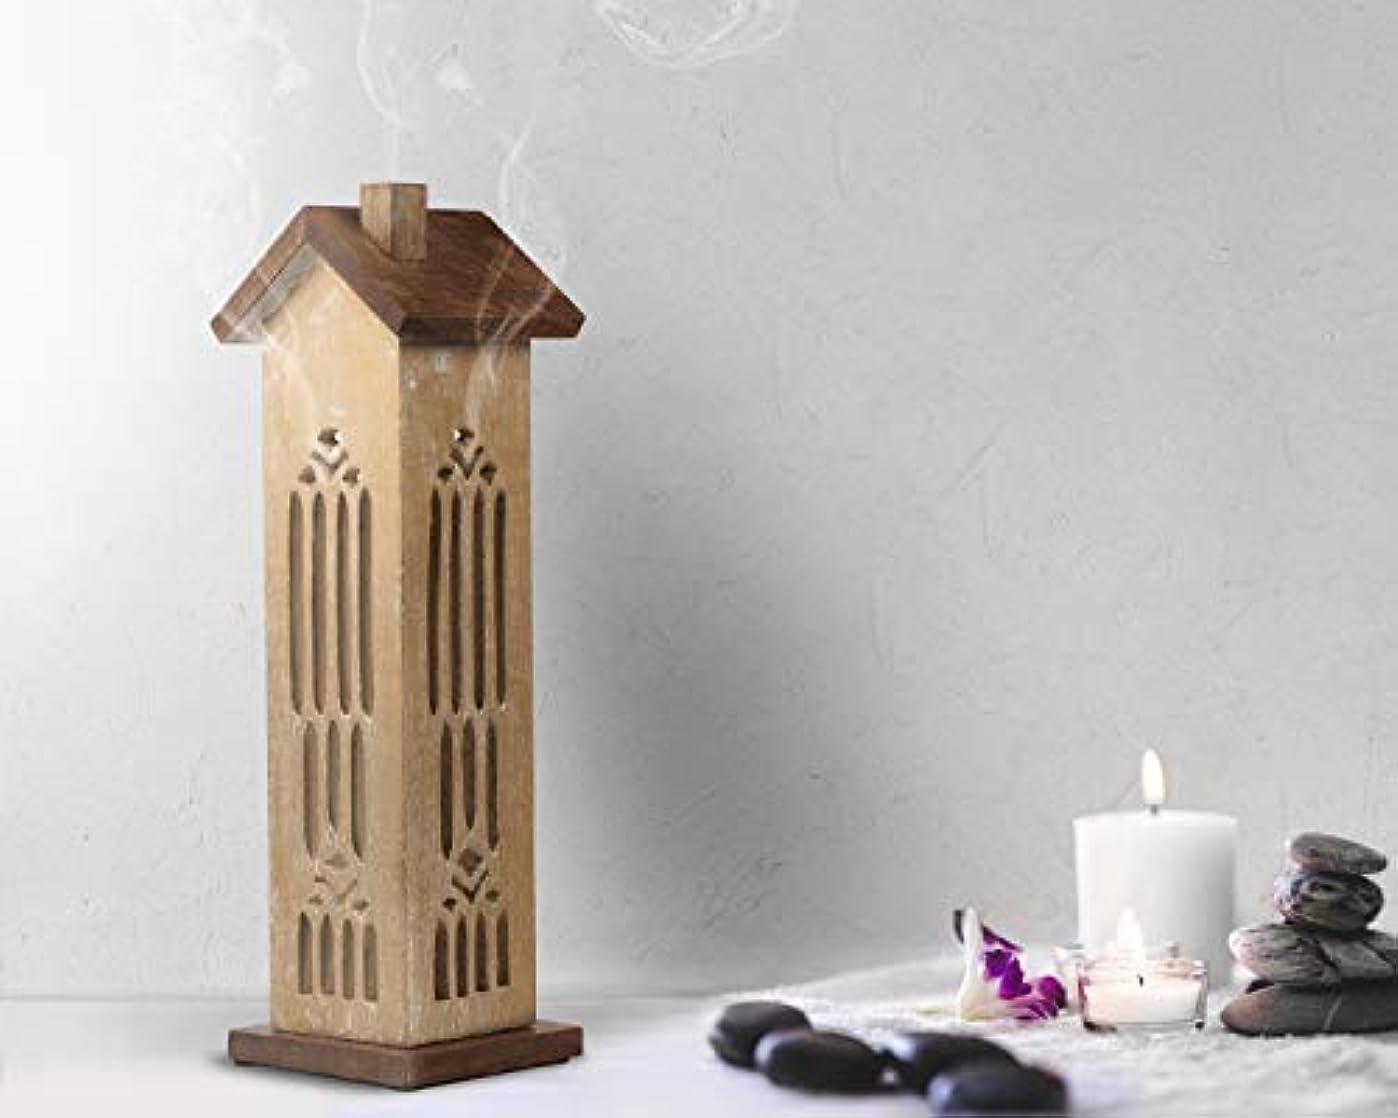 おじさんにはまって家主storeindya 感謝祭ギフト 木製タワーハウスお香ホルダー ウォールナット仕上げ バーナー アッシュキャッチャー付き 装飾的 無料 オーガニックお香3本